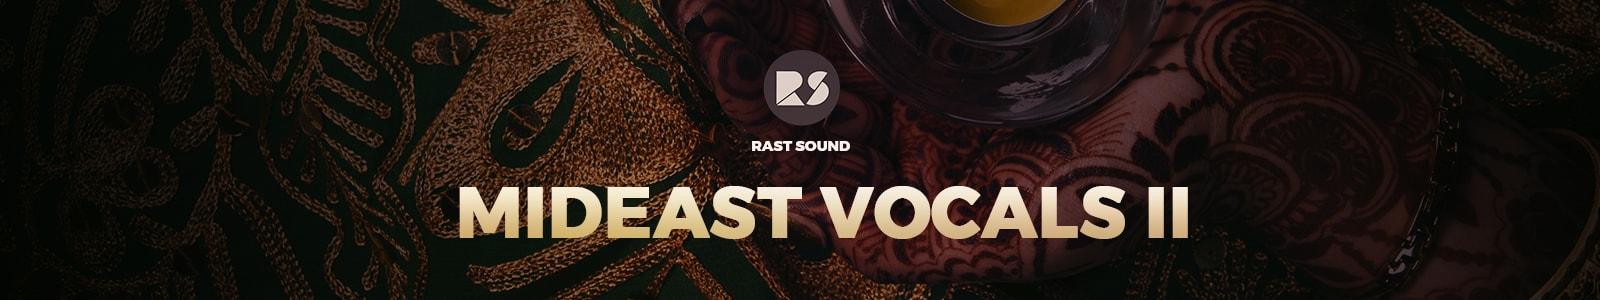 MidEast Vocals II by rast sound